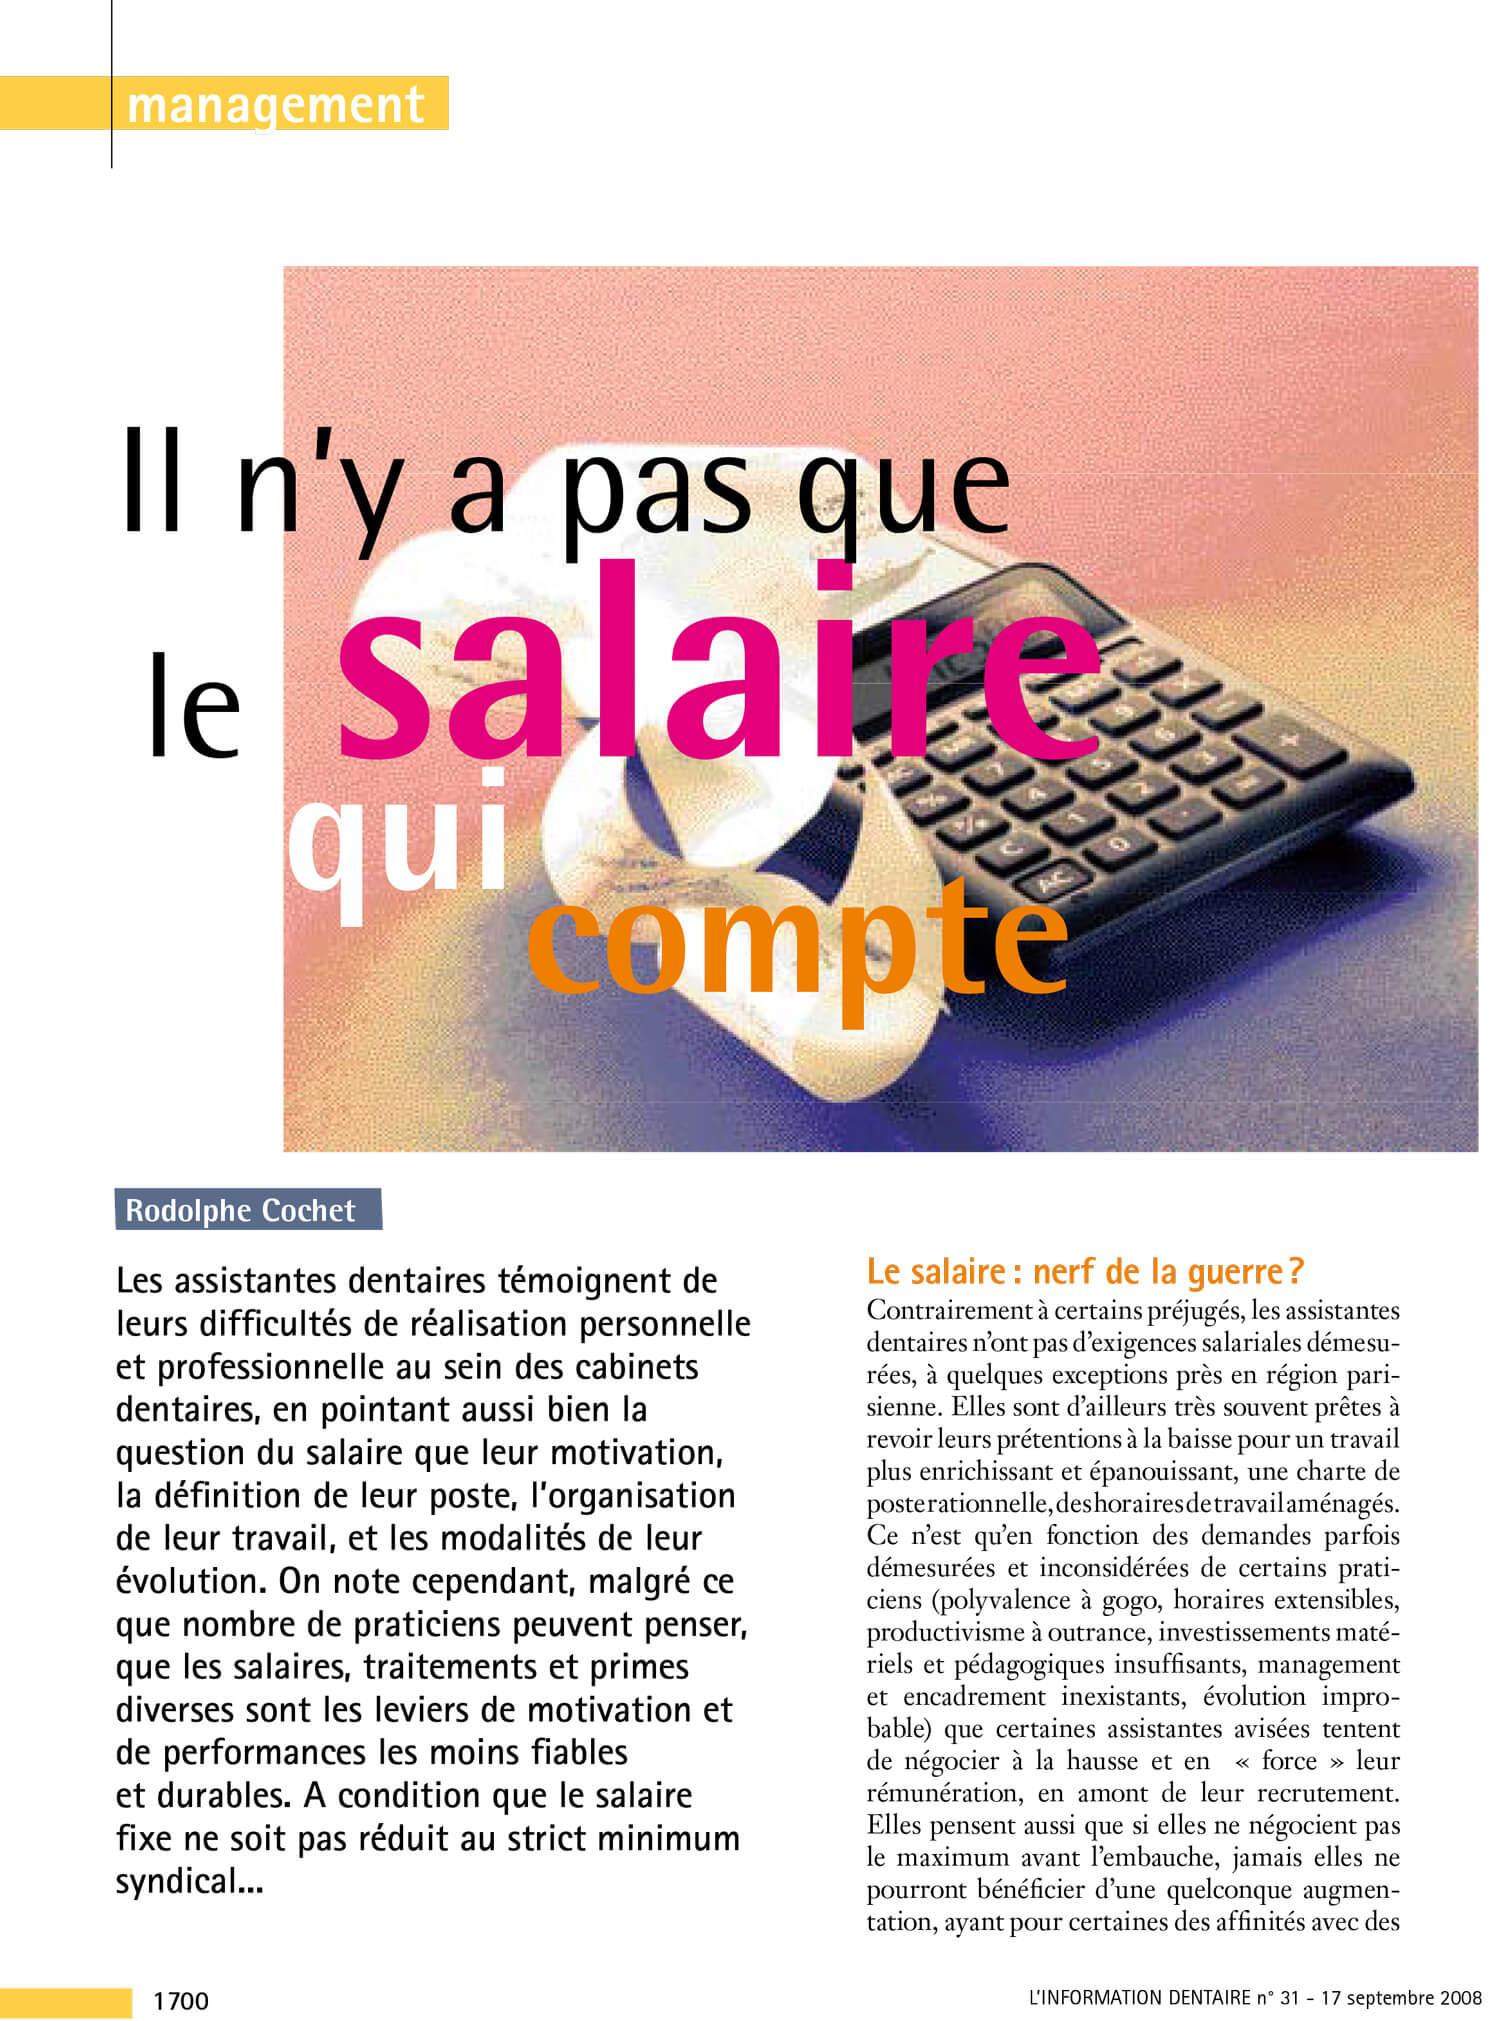 Information_Dentaire_pas_que_le_salaire_qui_compte_Rodolphe_Cochet.jpg